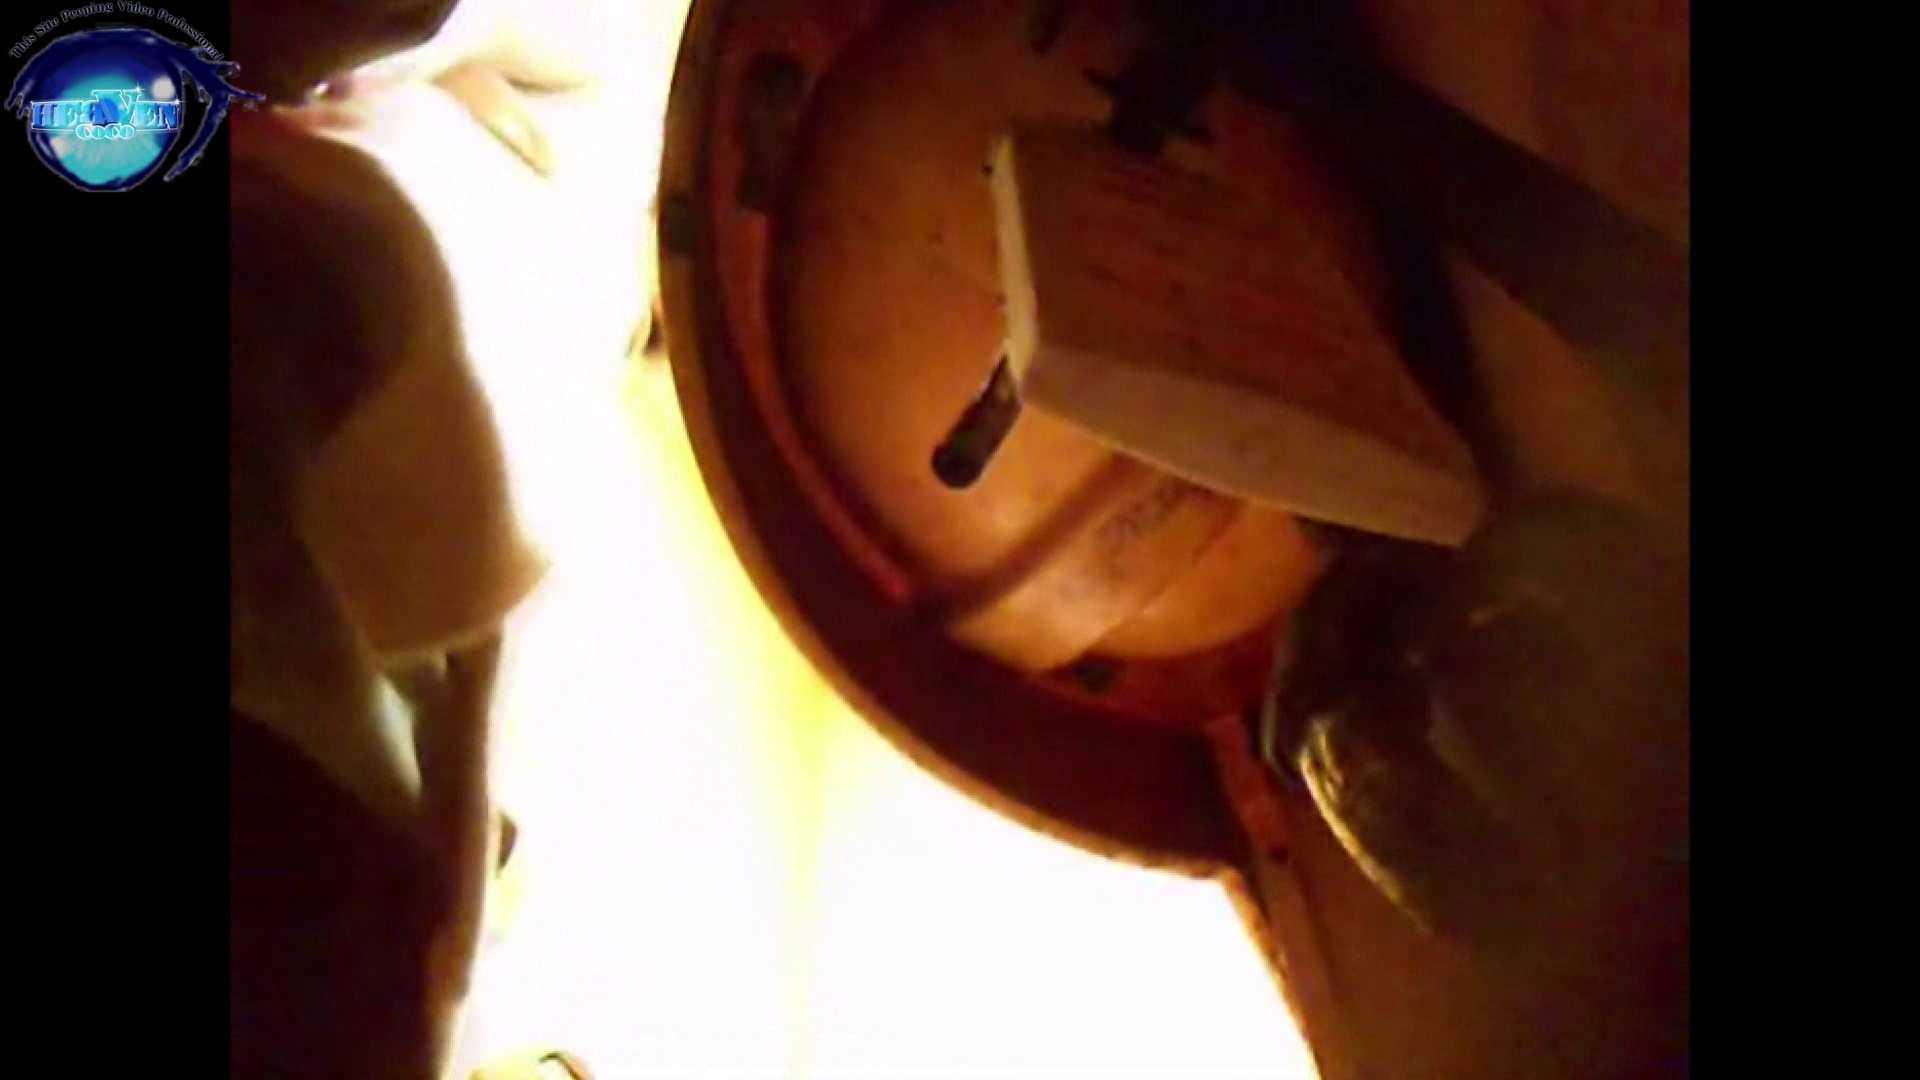 突撃!女子化粧室の真実vol.15 後編 盗撮大放出 ワレメ動画紹介 33連発 27